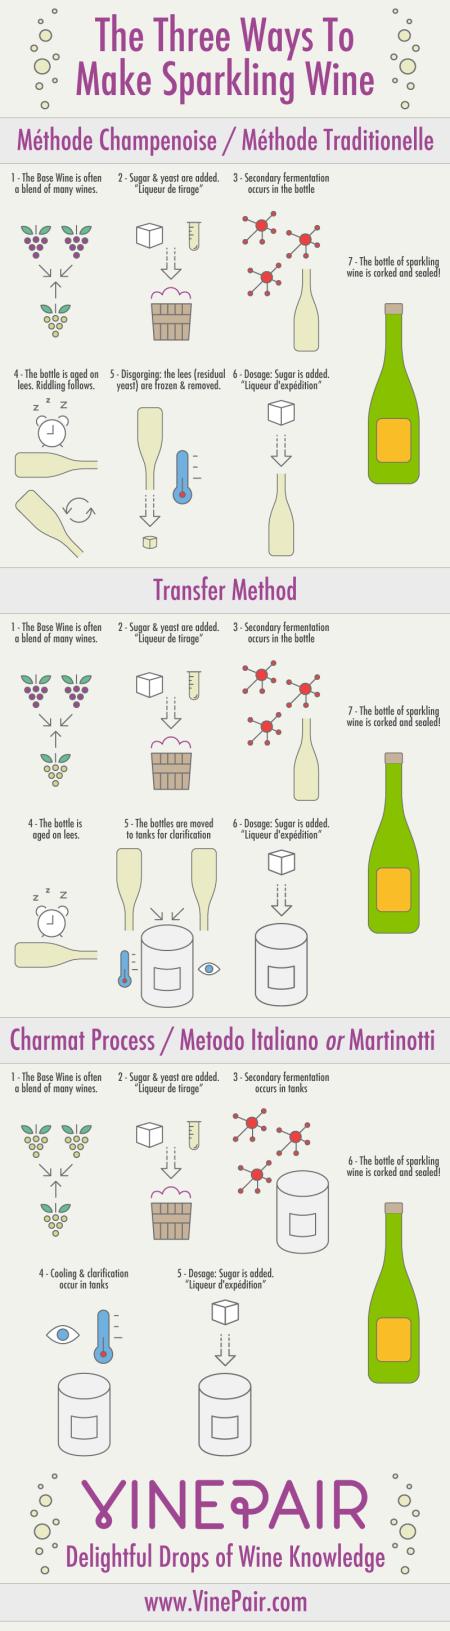 2-how-to-make-sparkling-wine-franklin-liquors